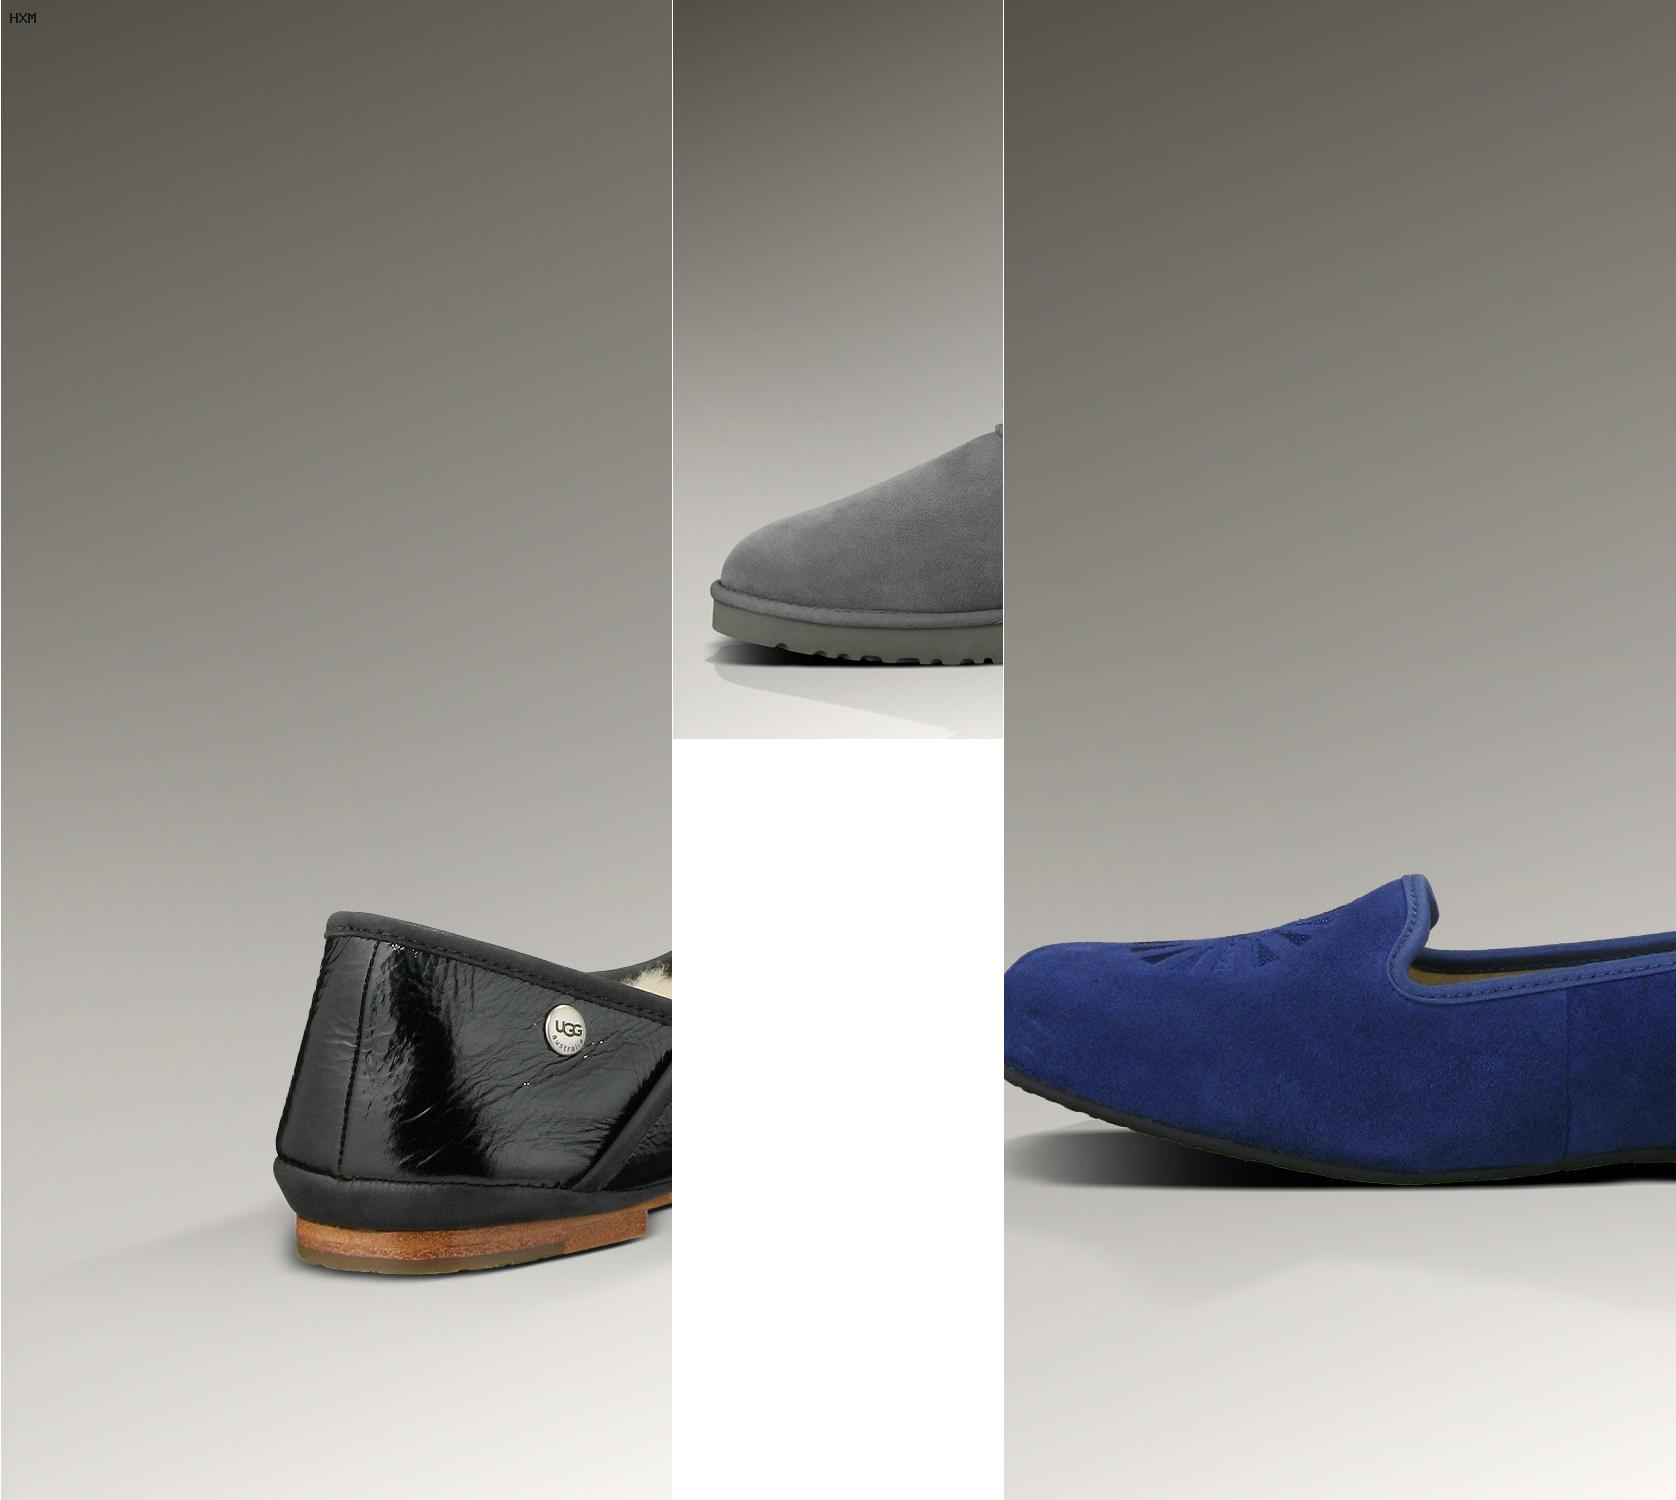 goedkope ugg schoenen